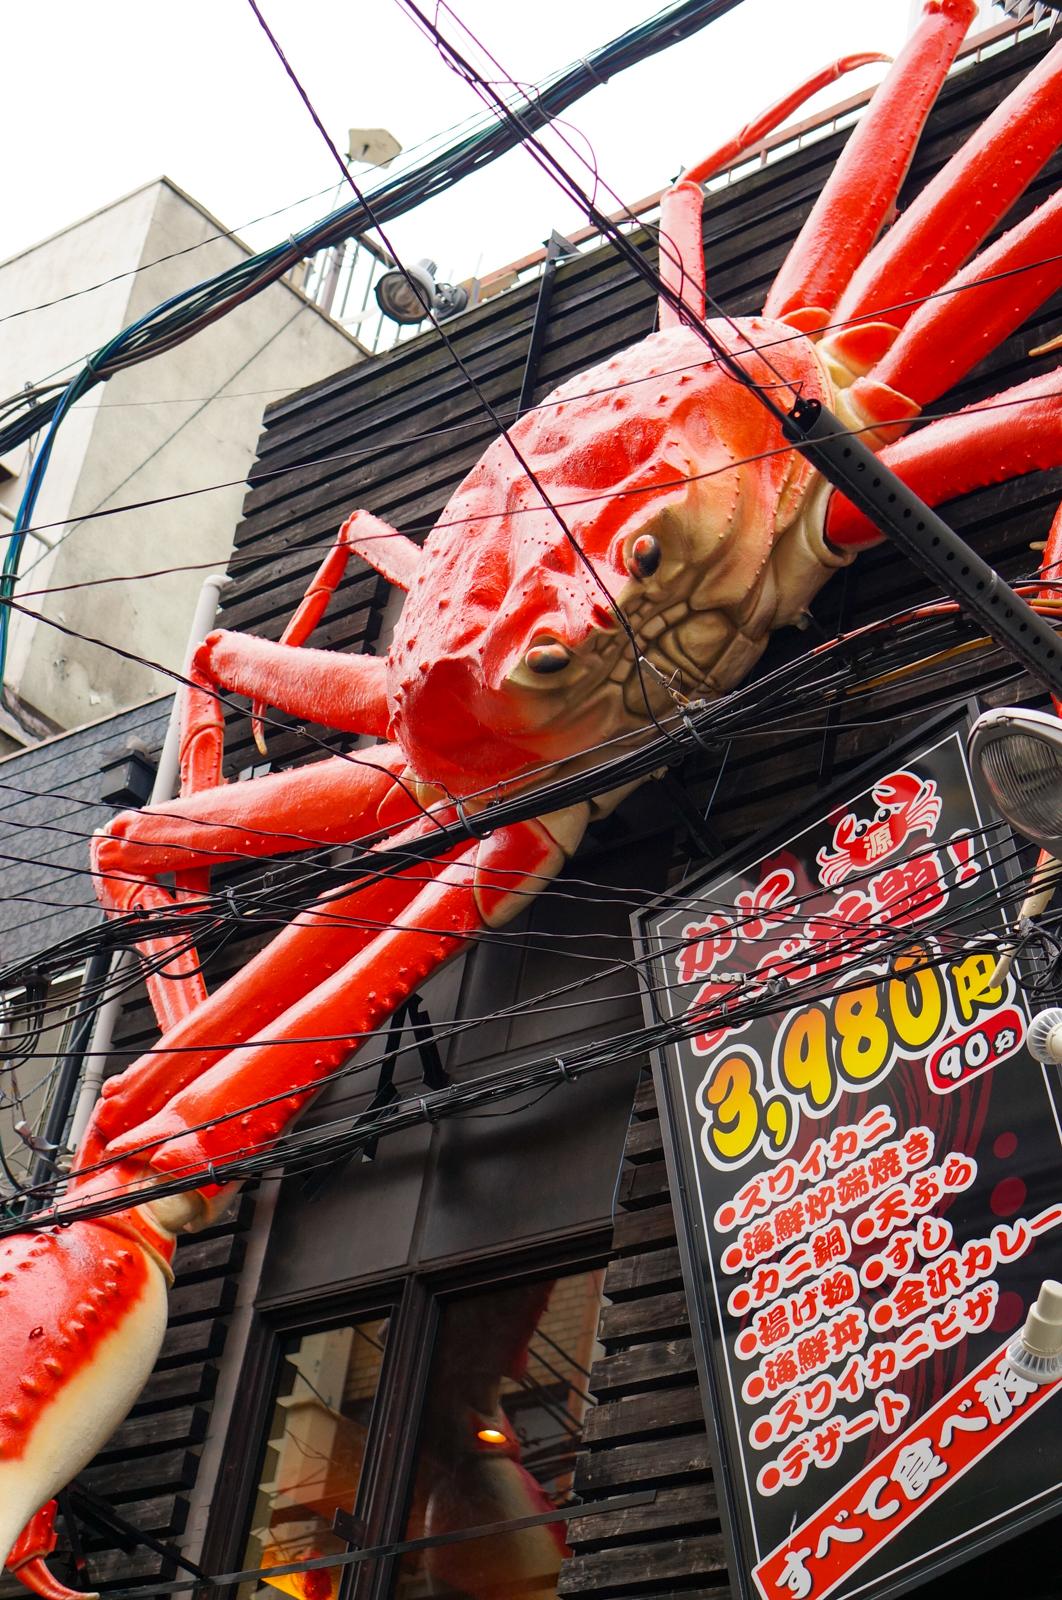 osaka, voyage japon, visiter osaka, osaka authentique, osaka enseigne, osaka enseignes géantes, osaka crabe, osaka crabe géant